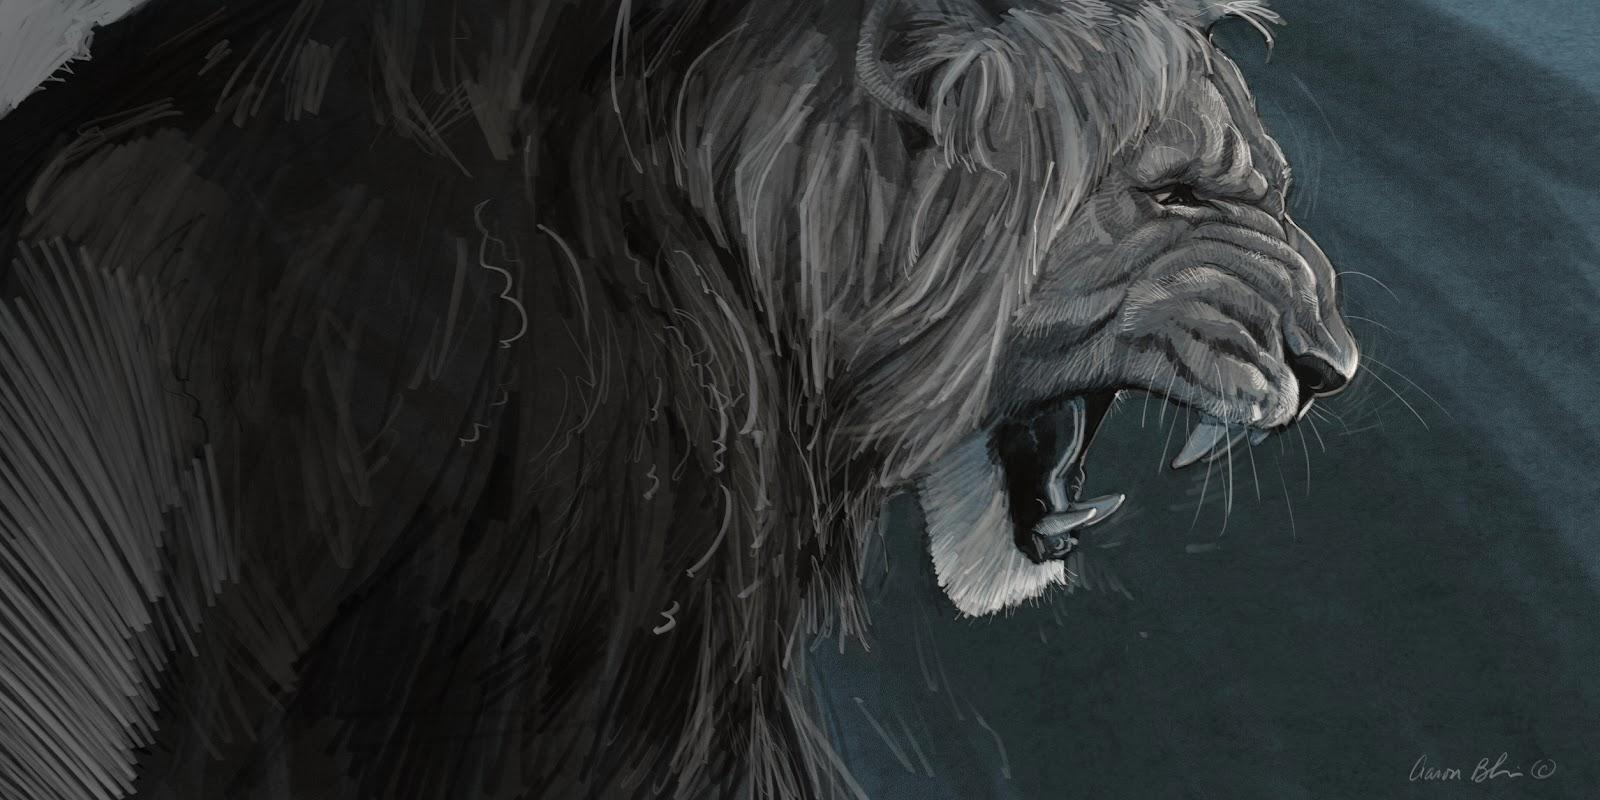 Is Black Lion Natural